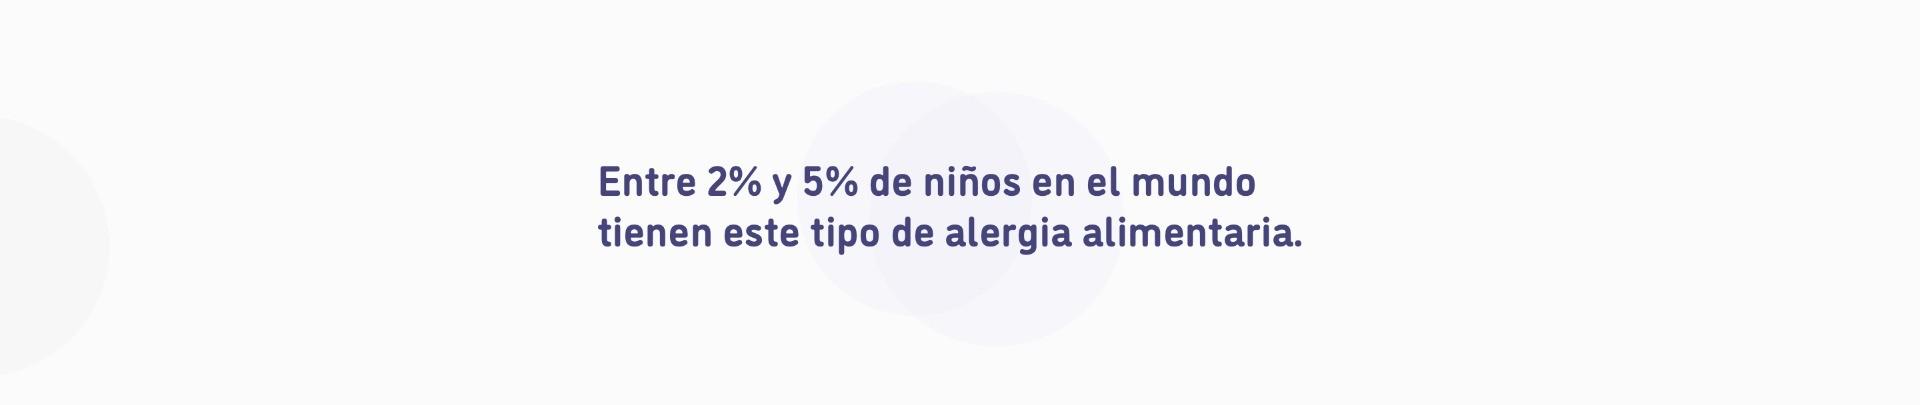 Entre el 2% y 5% de niños en el mundo tienen este tipo de alergia alimentaria.